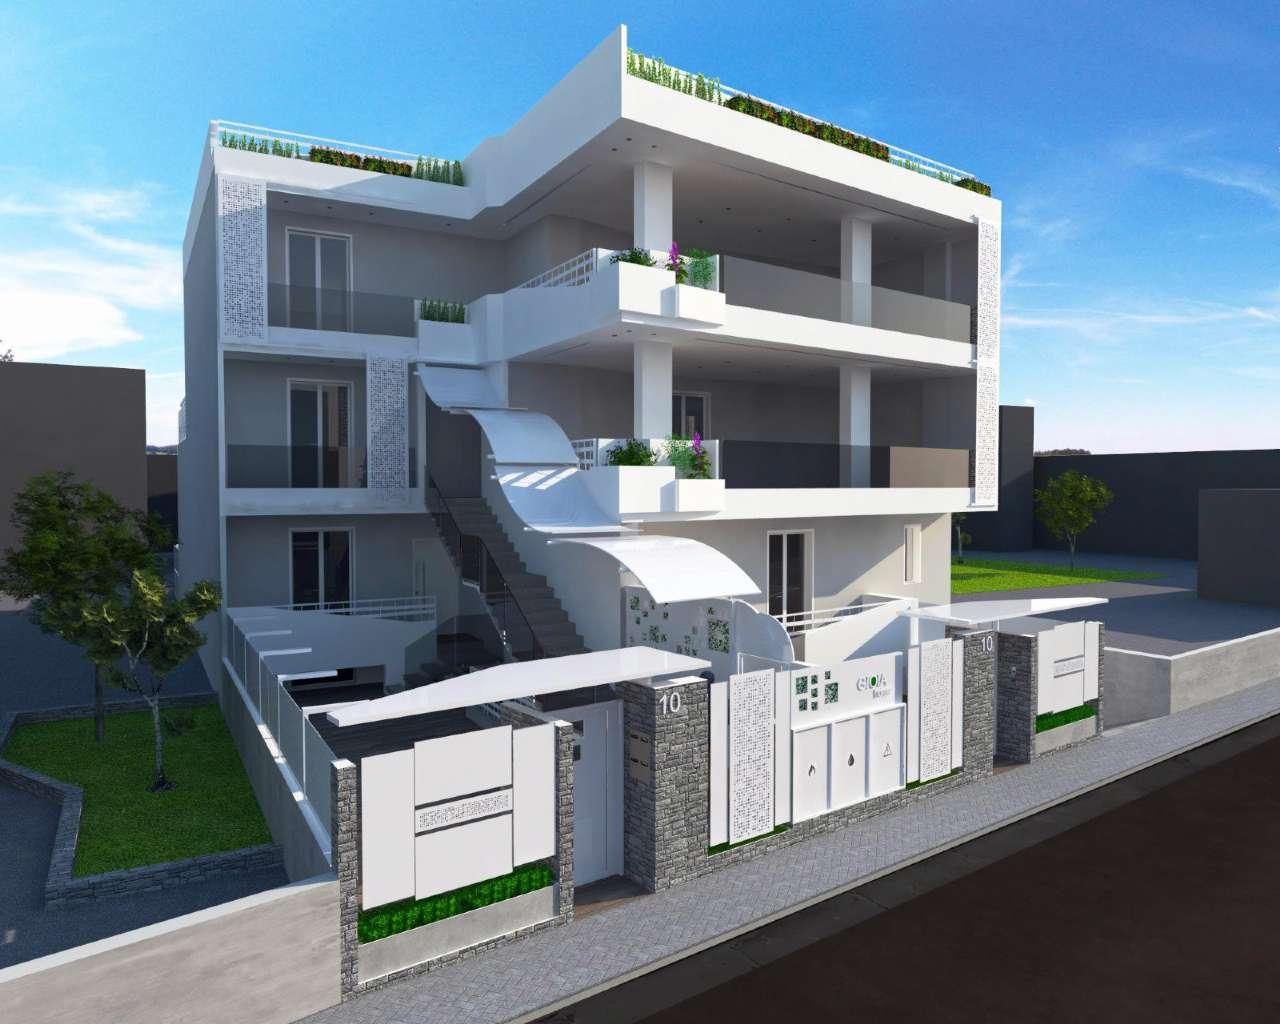 Appartamento in vendita a Mariglianella, 3 locali, prezzo € 180.000 | CambioCasa.it